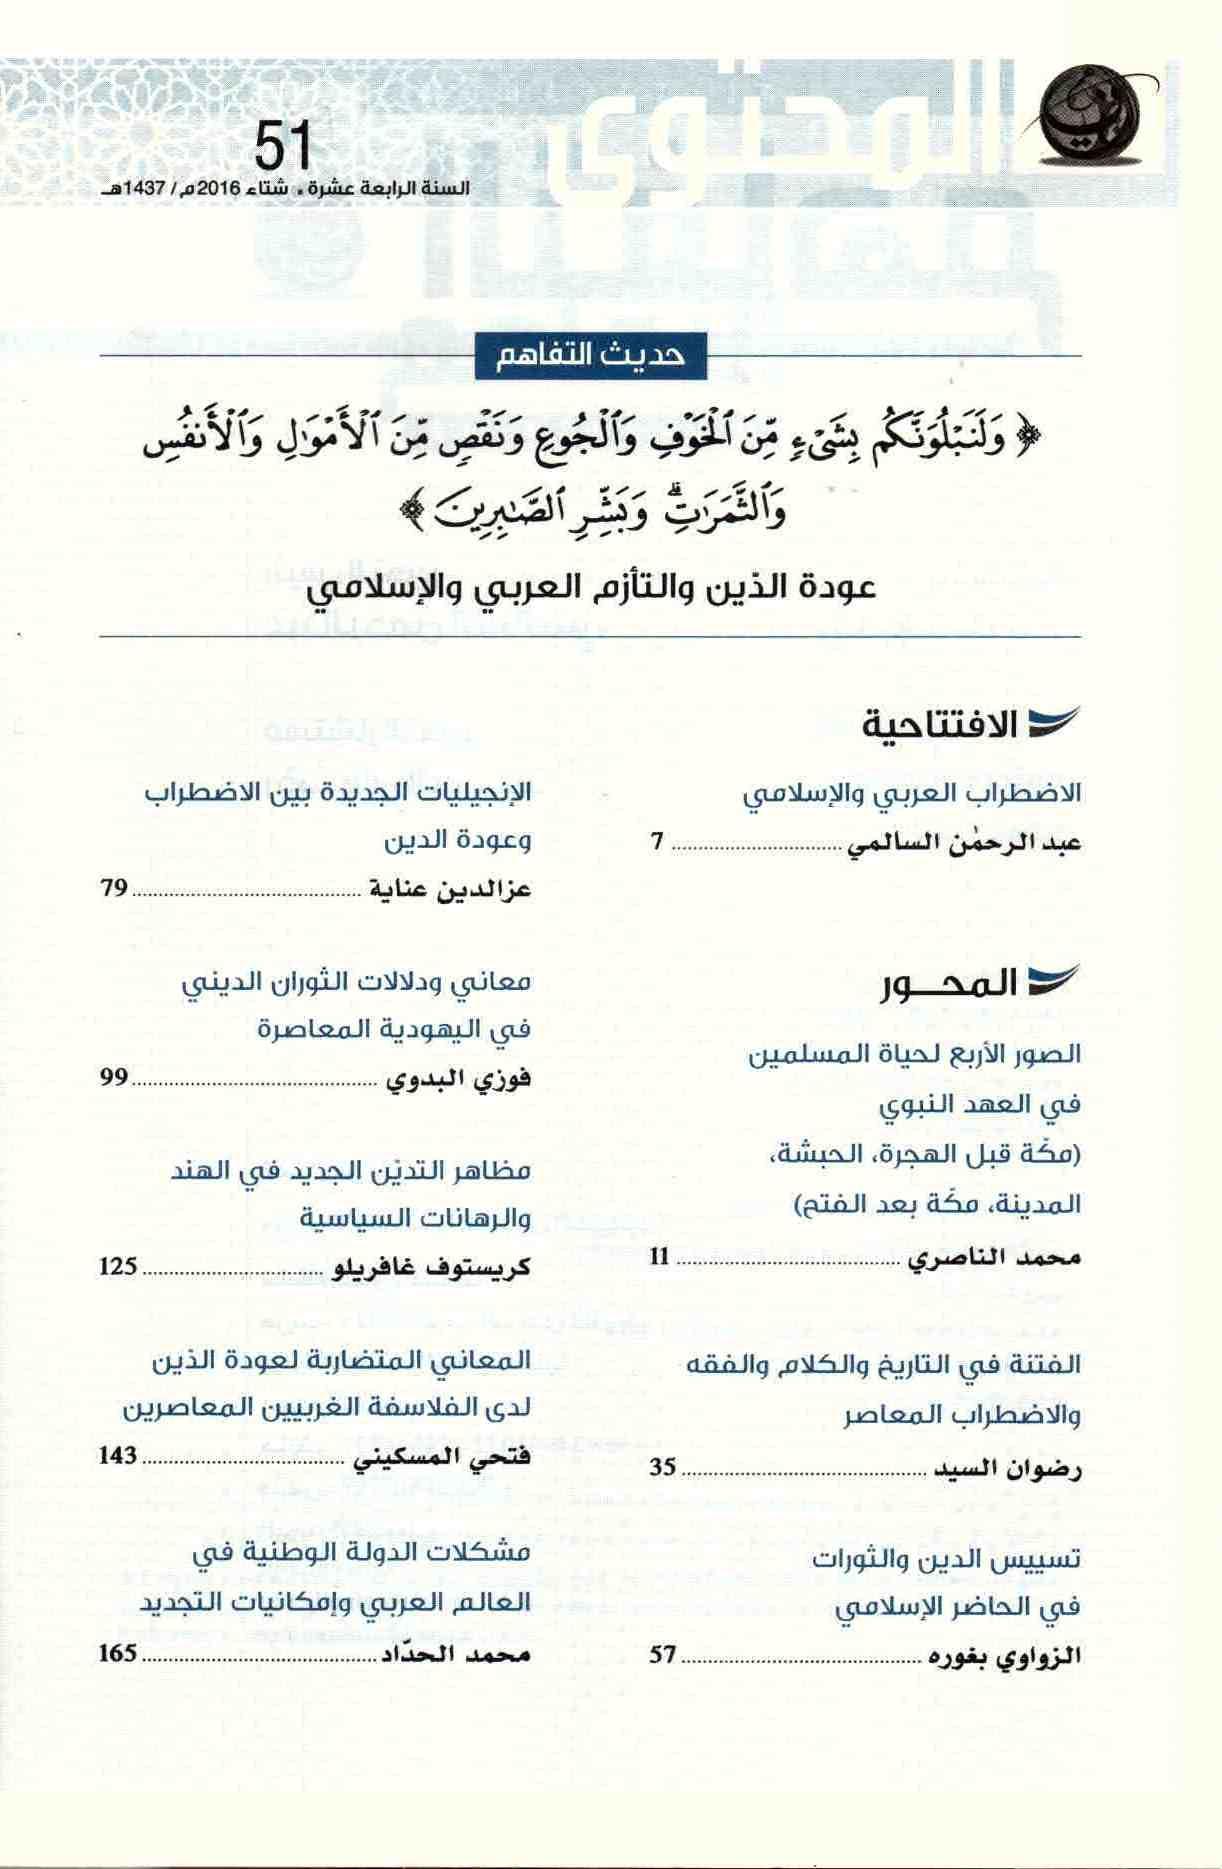 ص. 4 قائمة محتويات ع. 51 مجلة التفاهم.